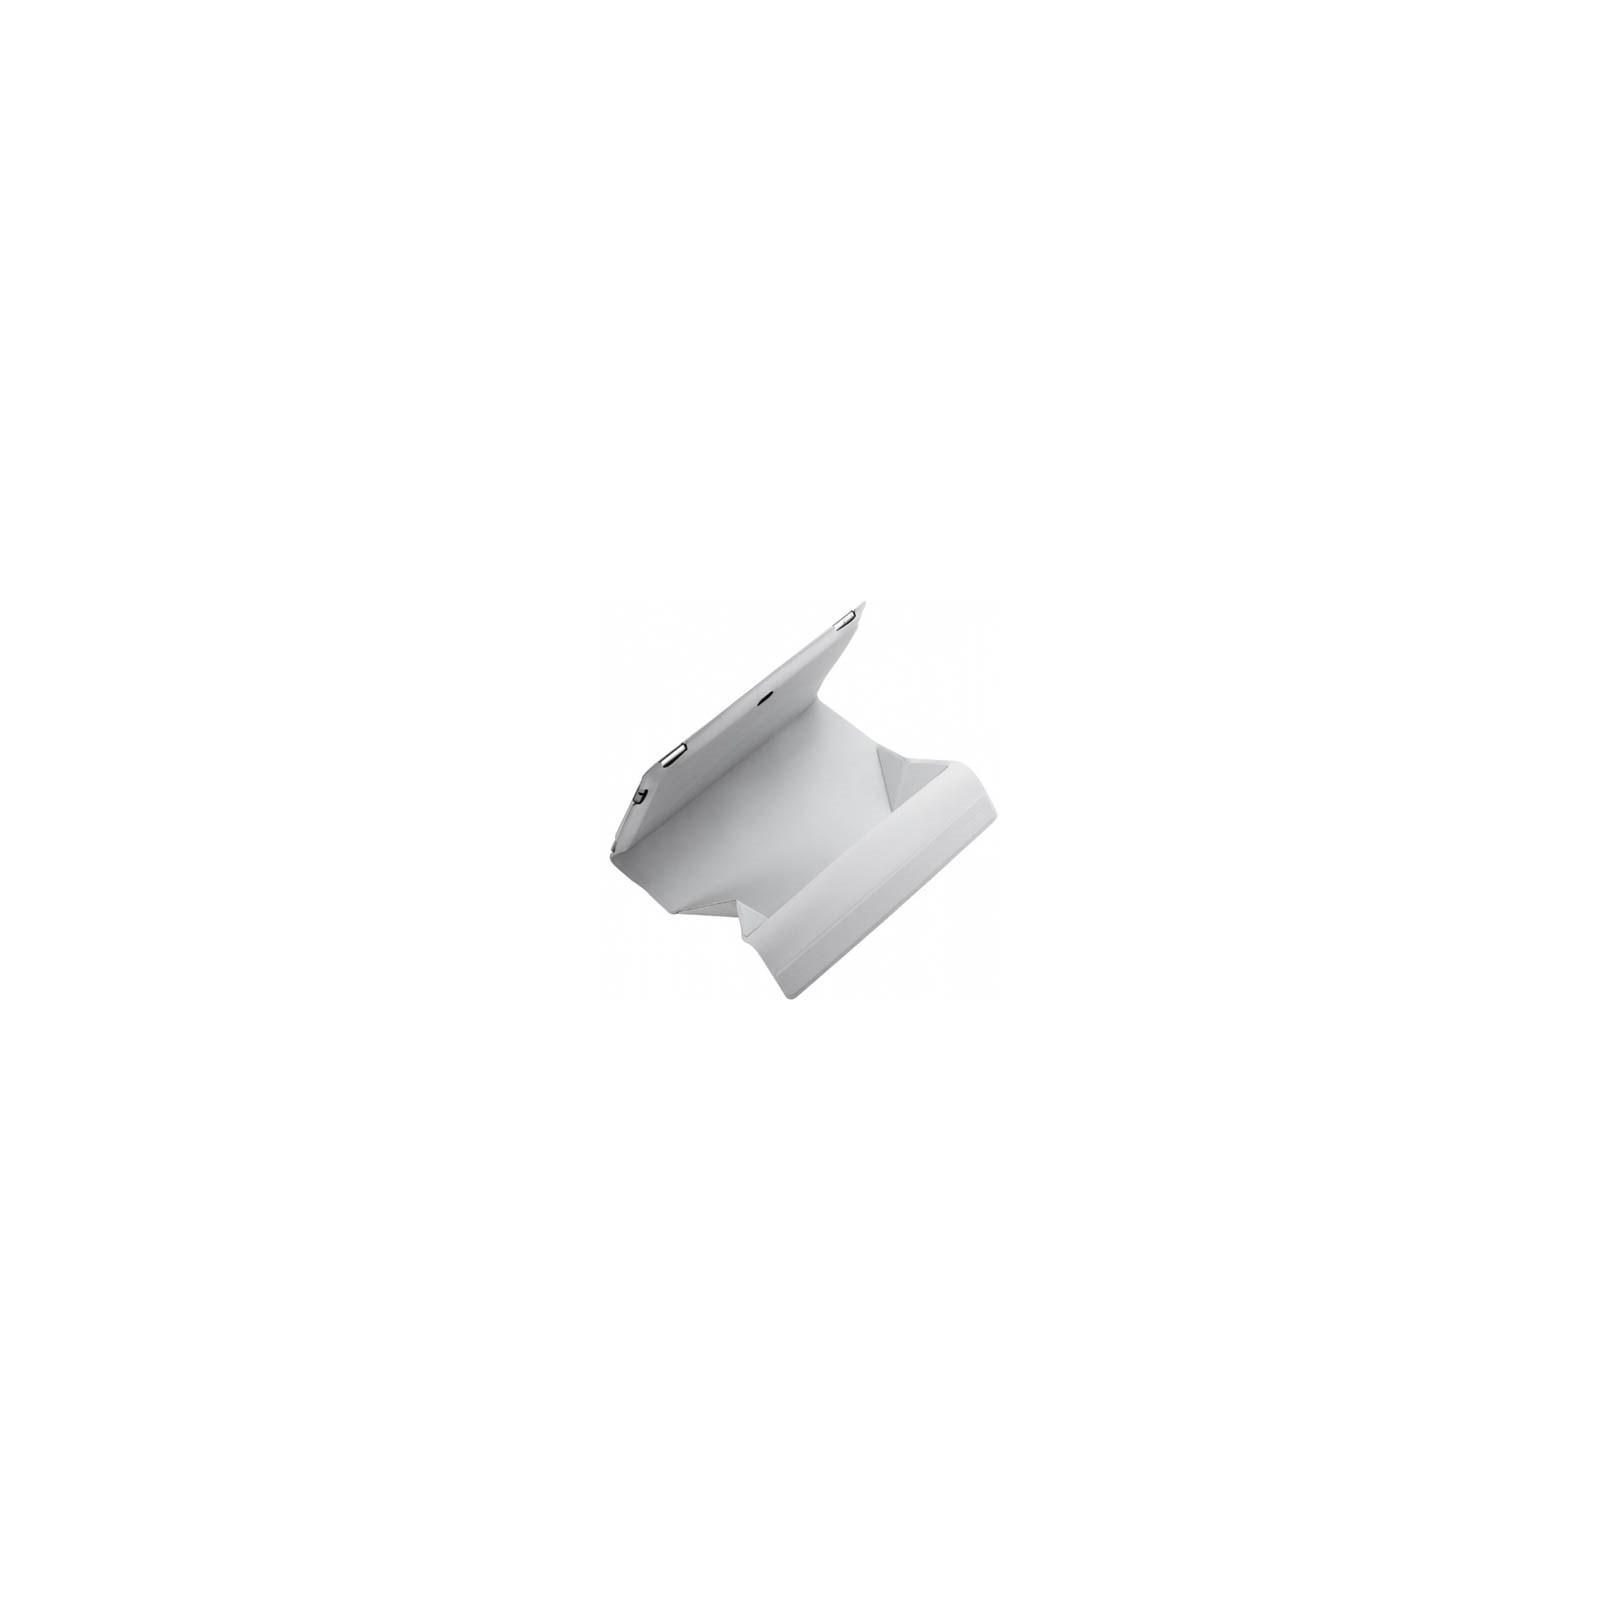 Чехол для планшета ASUS 10.1 TF201/TF300/TF700 TranSleeve Dual (90-XB2UOKSL000D0-) изображение 2